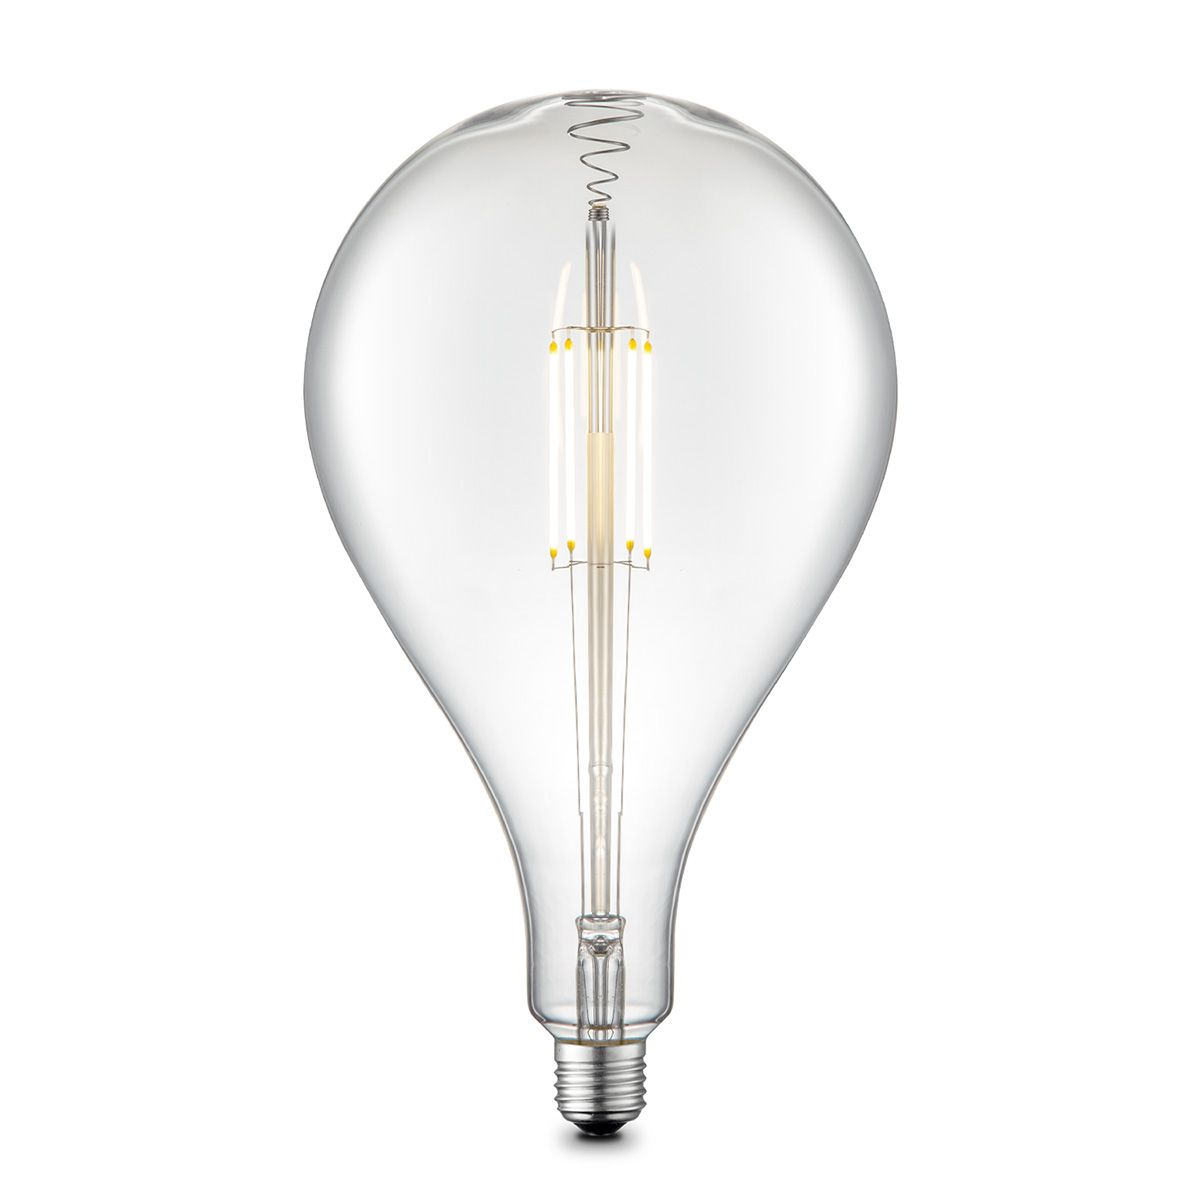 Light depot LED lamp Pear E27 4W dimbaar helder Outlet